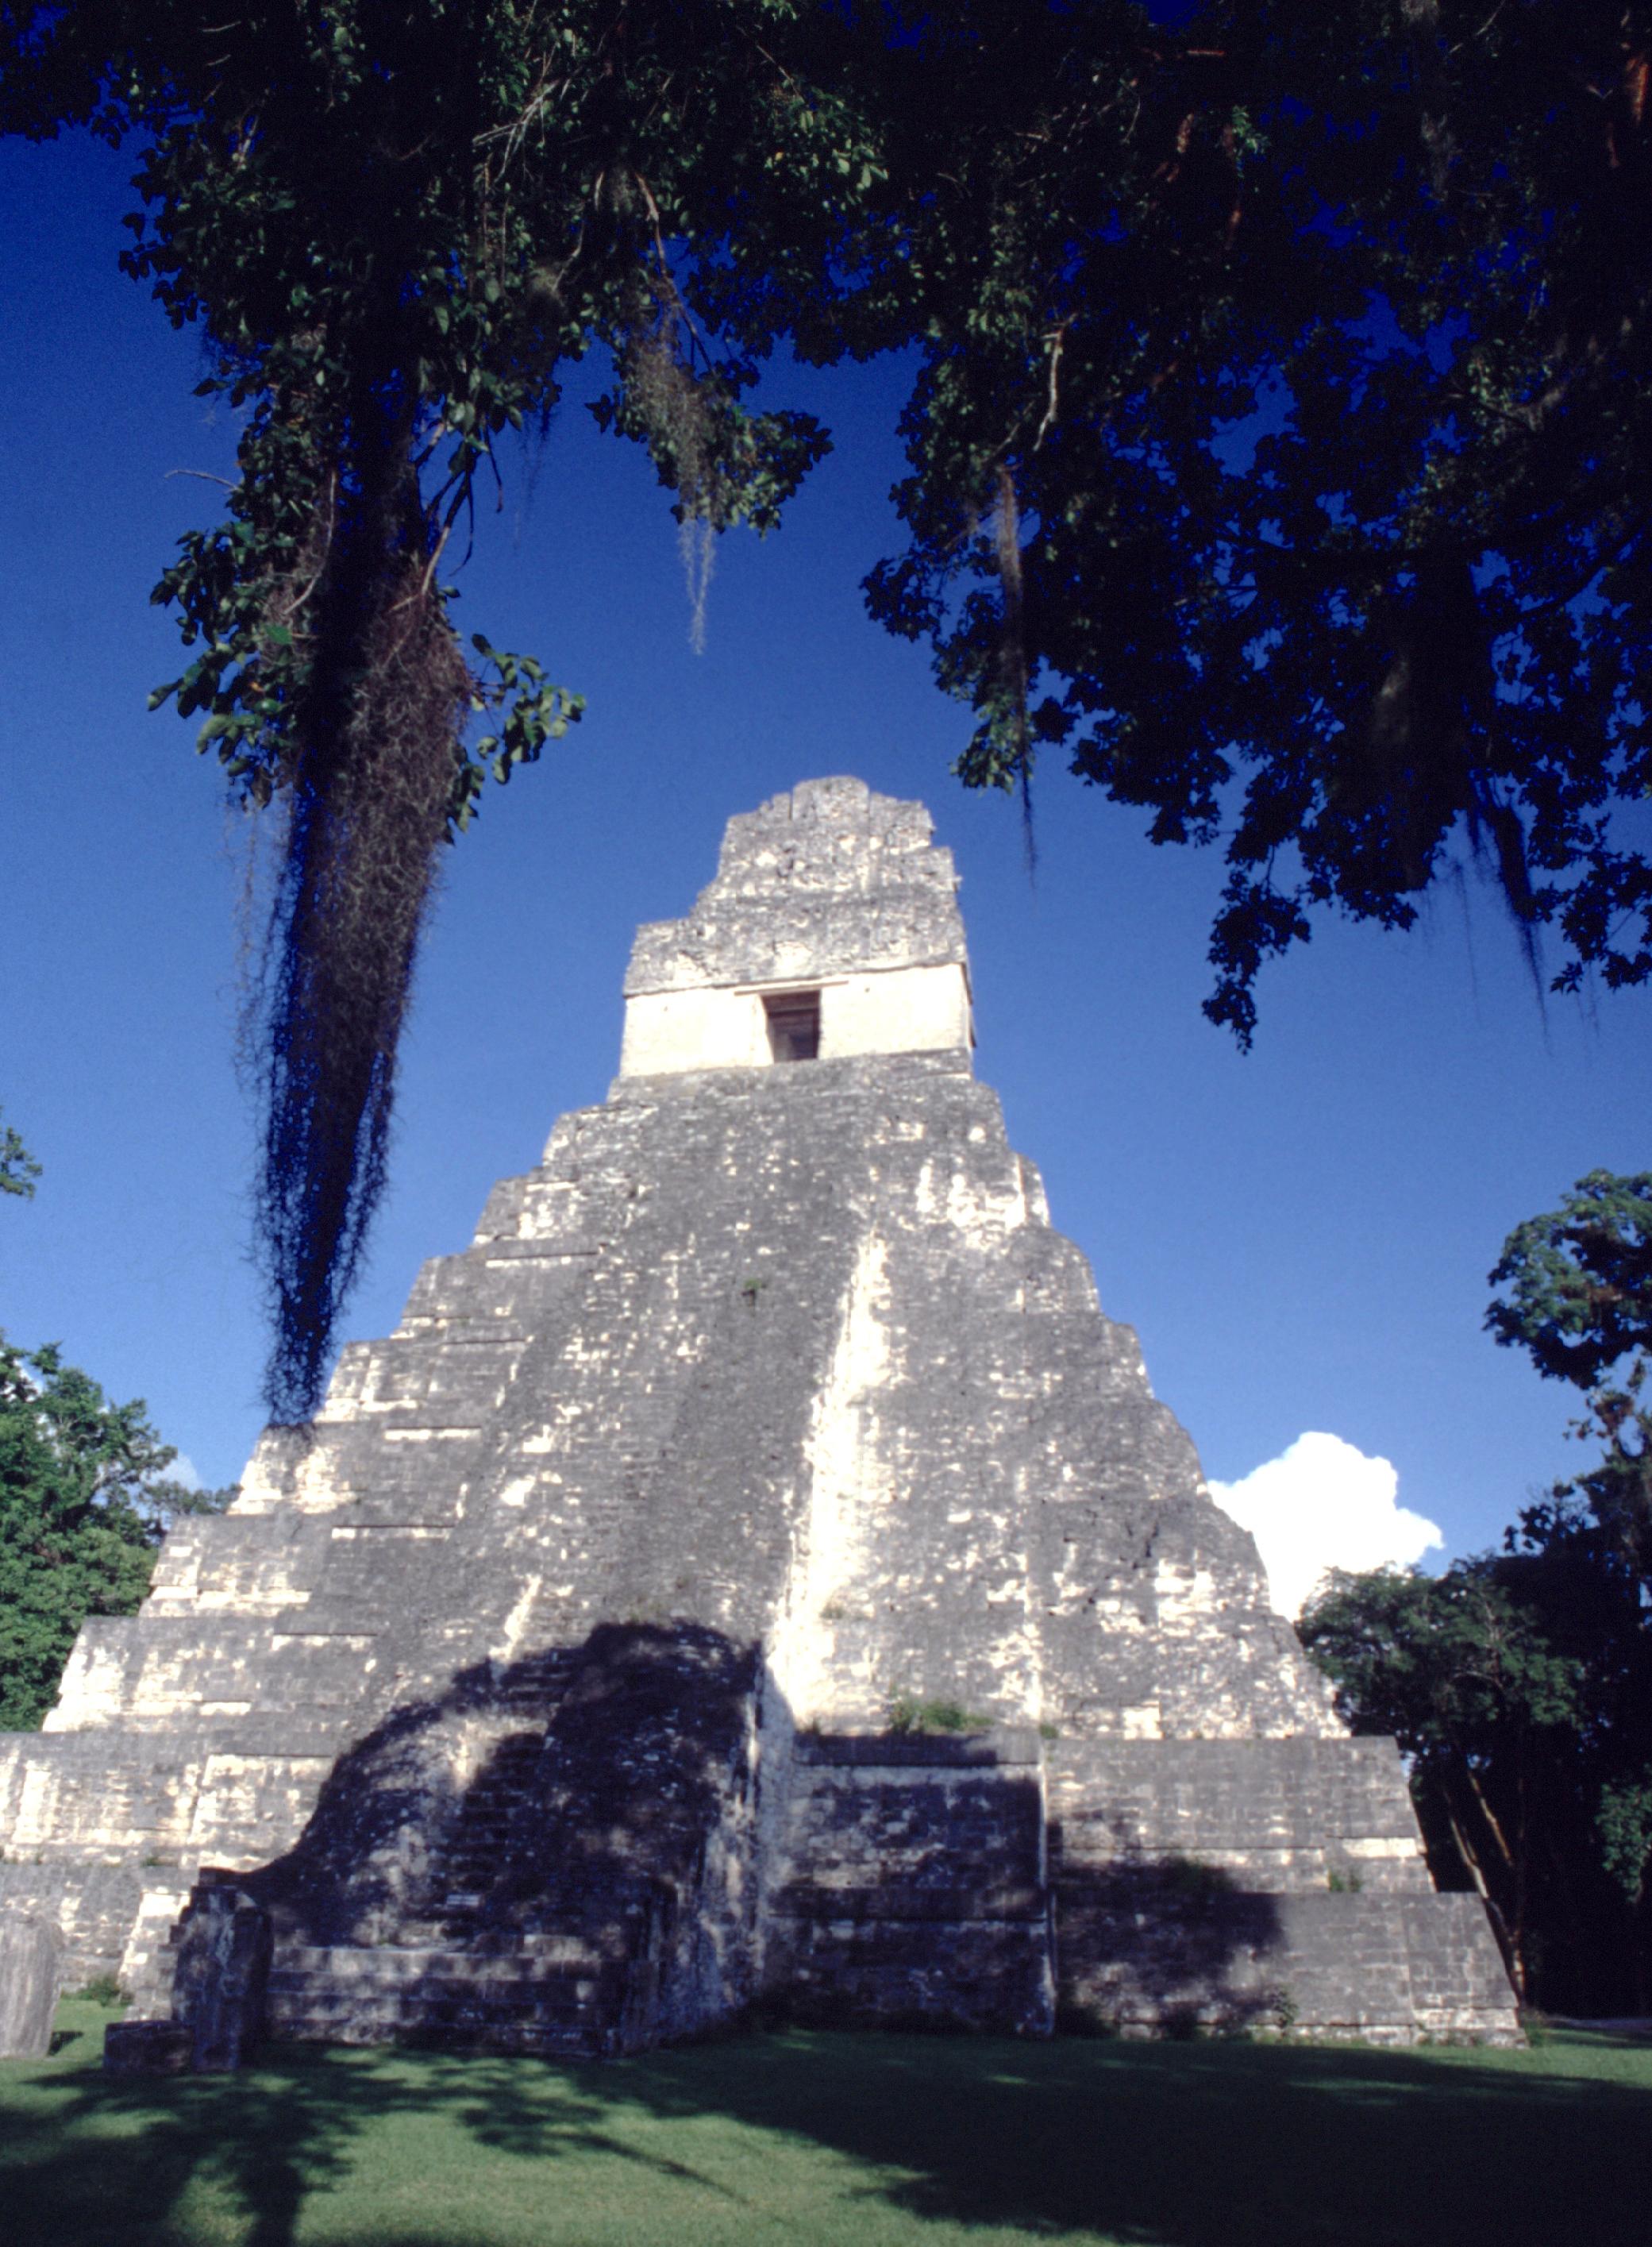 Le sublime temple I au cœur de la grande cité maya ; la végétation tout autour rappelle que la jungle ne demande pas mieux que de recouvrir les ruines si elles étaient à nouveau abandonnées.